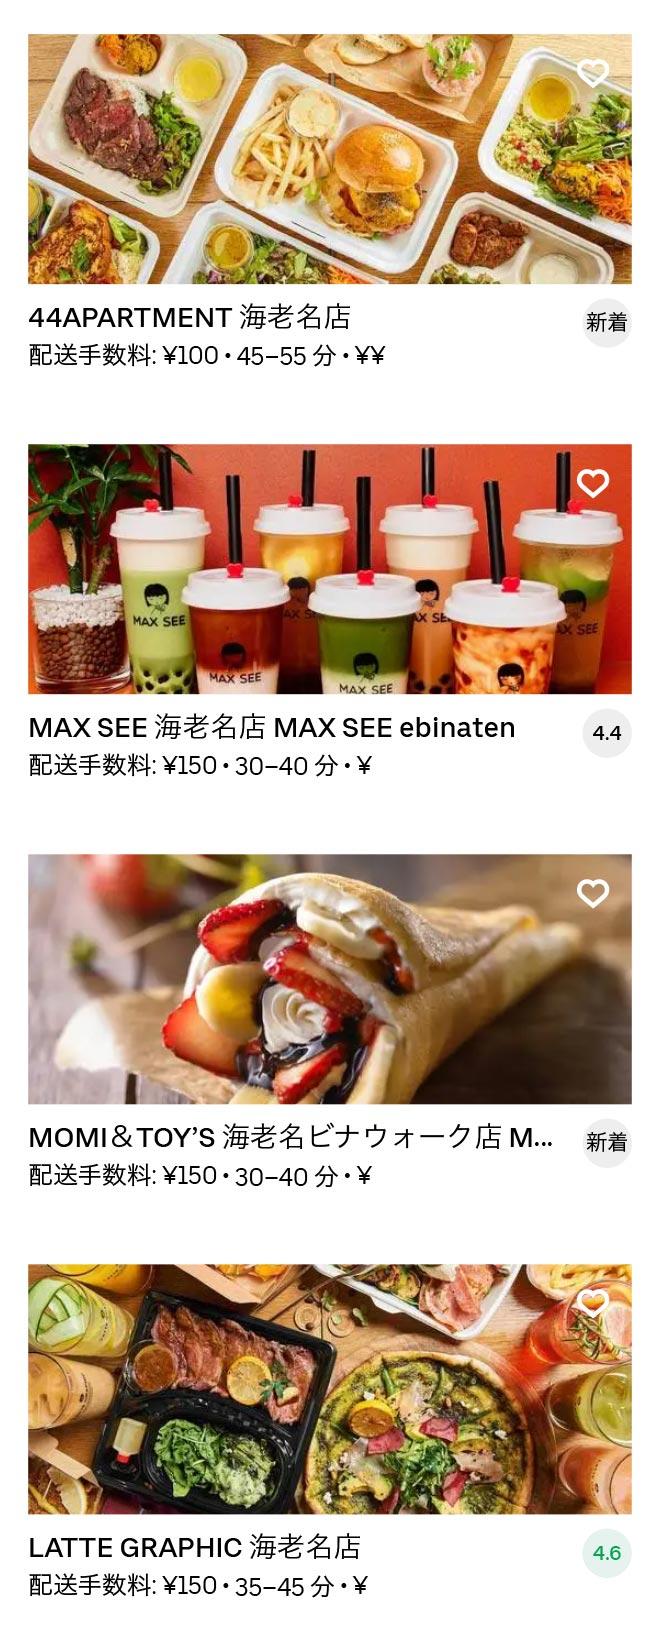 Ebina menu 2010 07